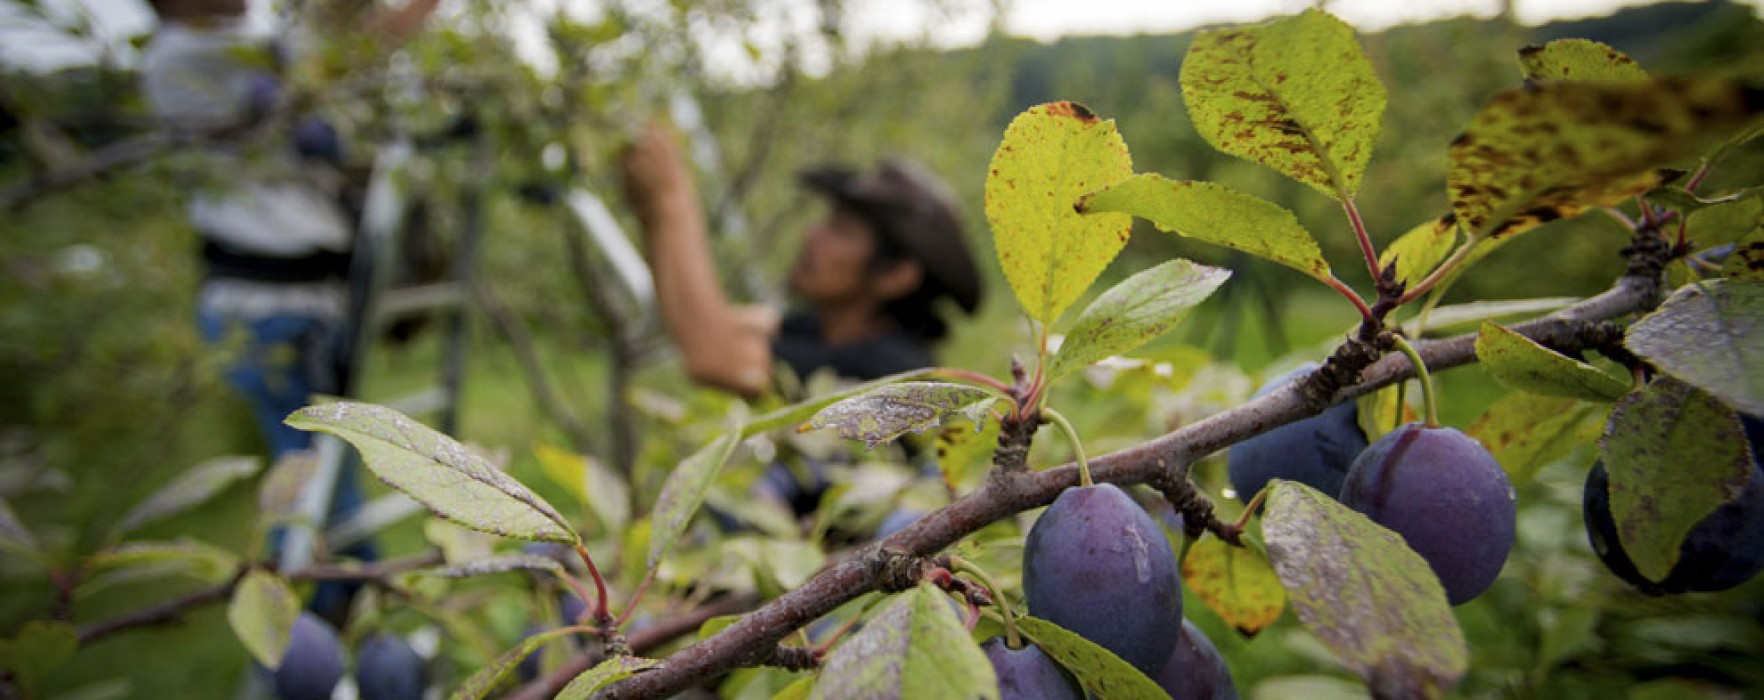 Dâmboviţa: Bărbat de 60 de ani, prins că fura prunele dintr-o livadă